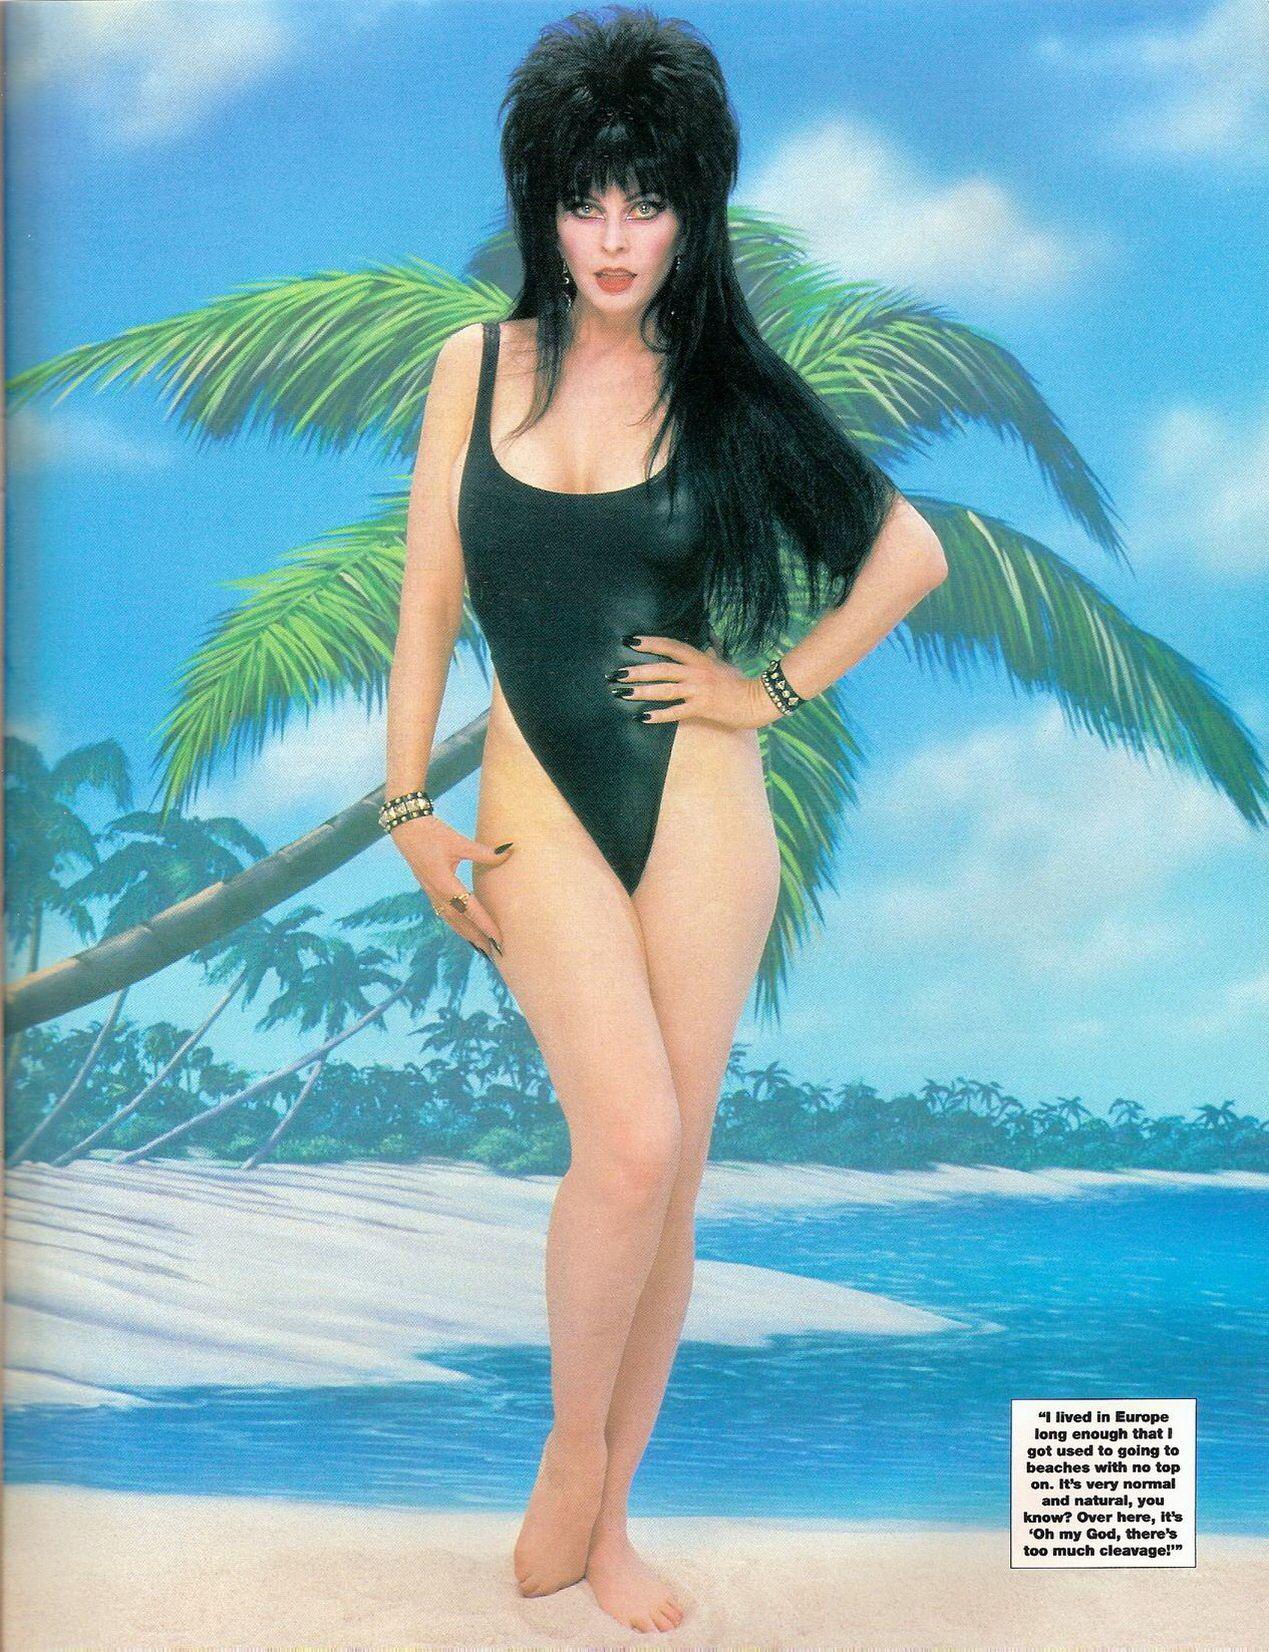 Bikini Elvira nude photos 2019